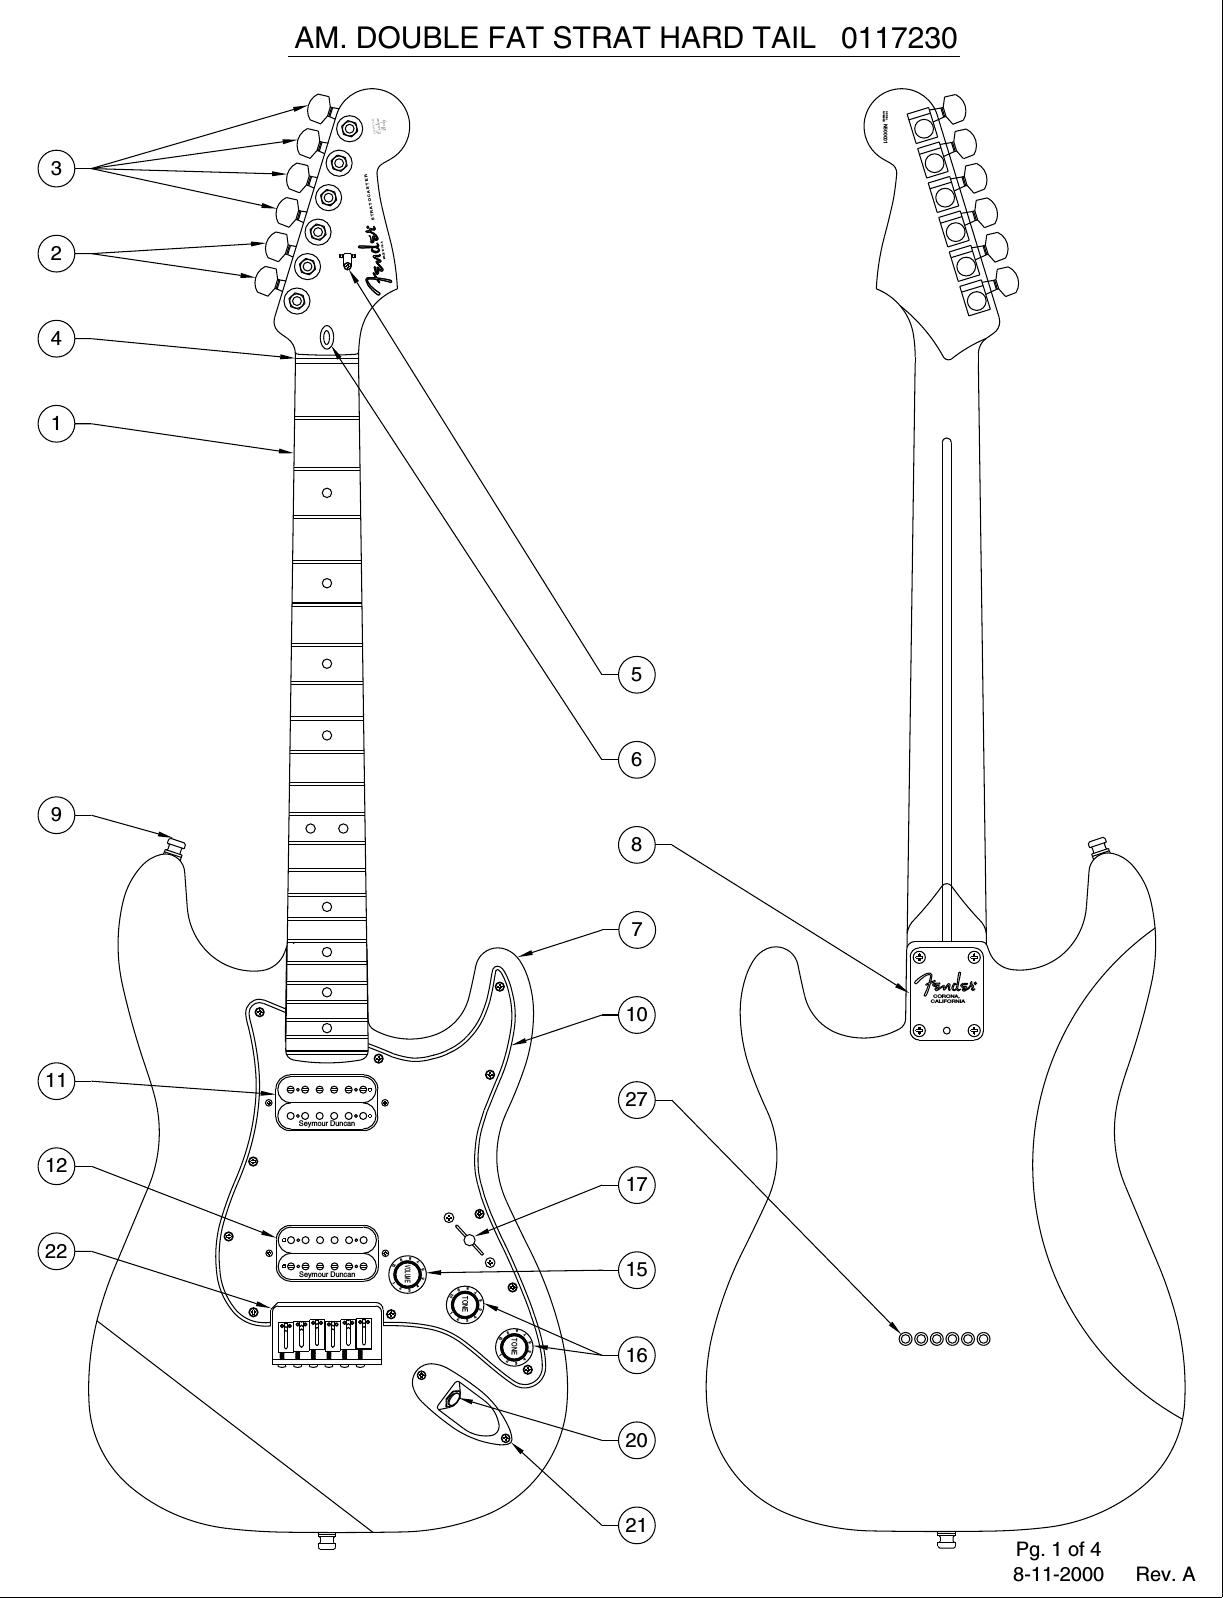 Fender 011 7230A SISD on